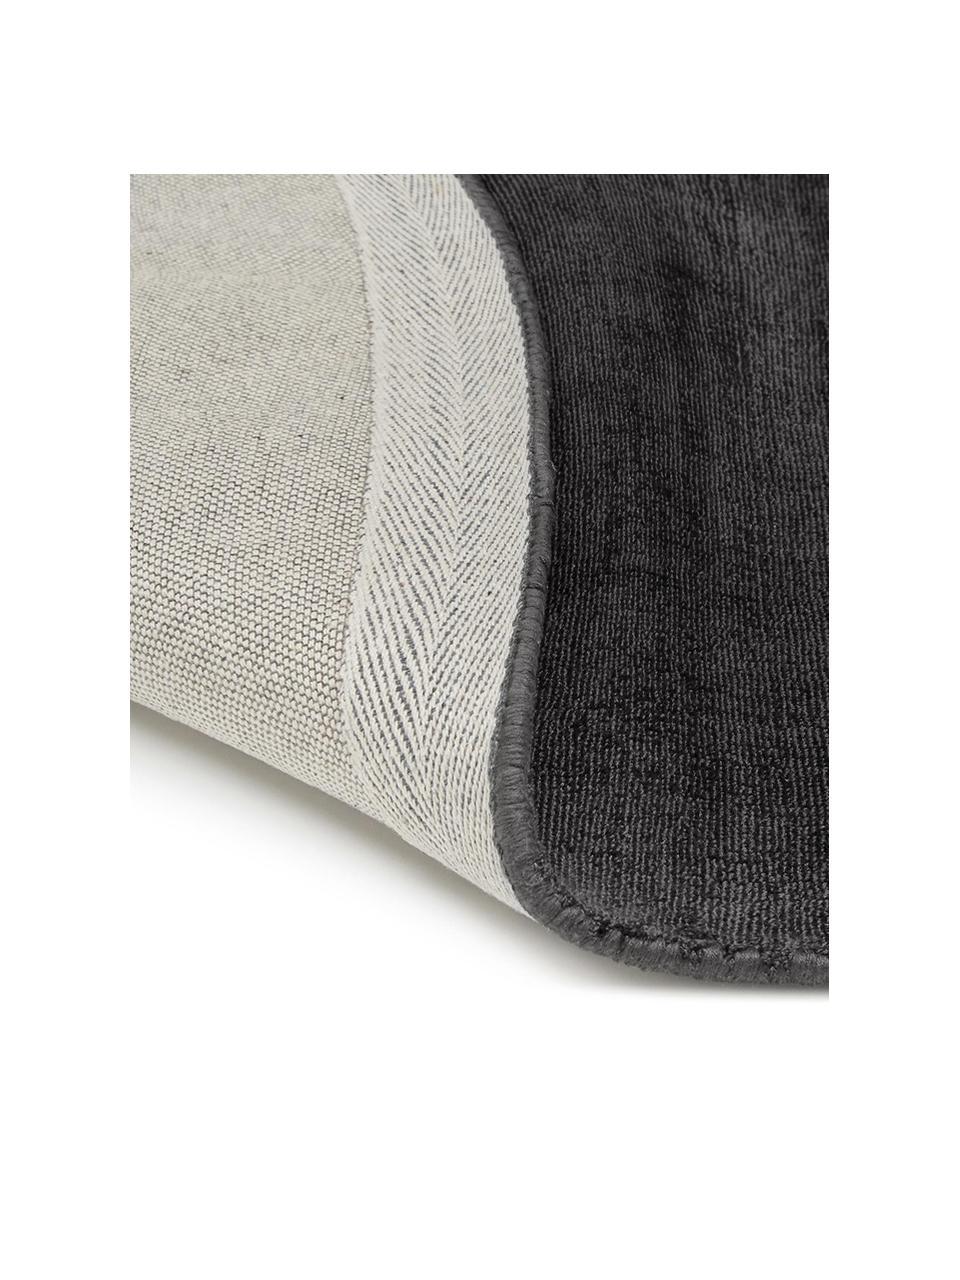 Tappeto rotondo in viscosa color nero-antracite tessuto a mano Jane, Retro: 100% cotone, Nero antracite, Ø 200 cm (taglia L)